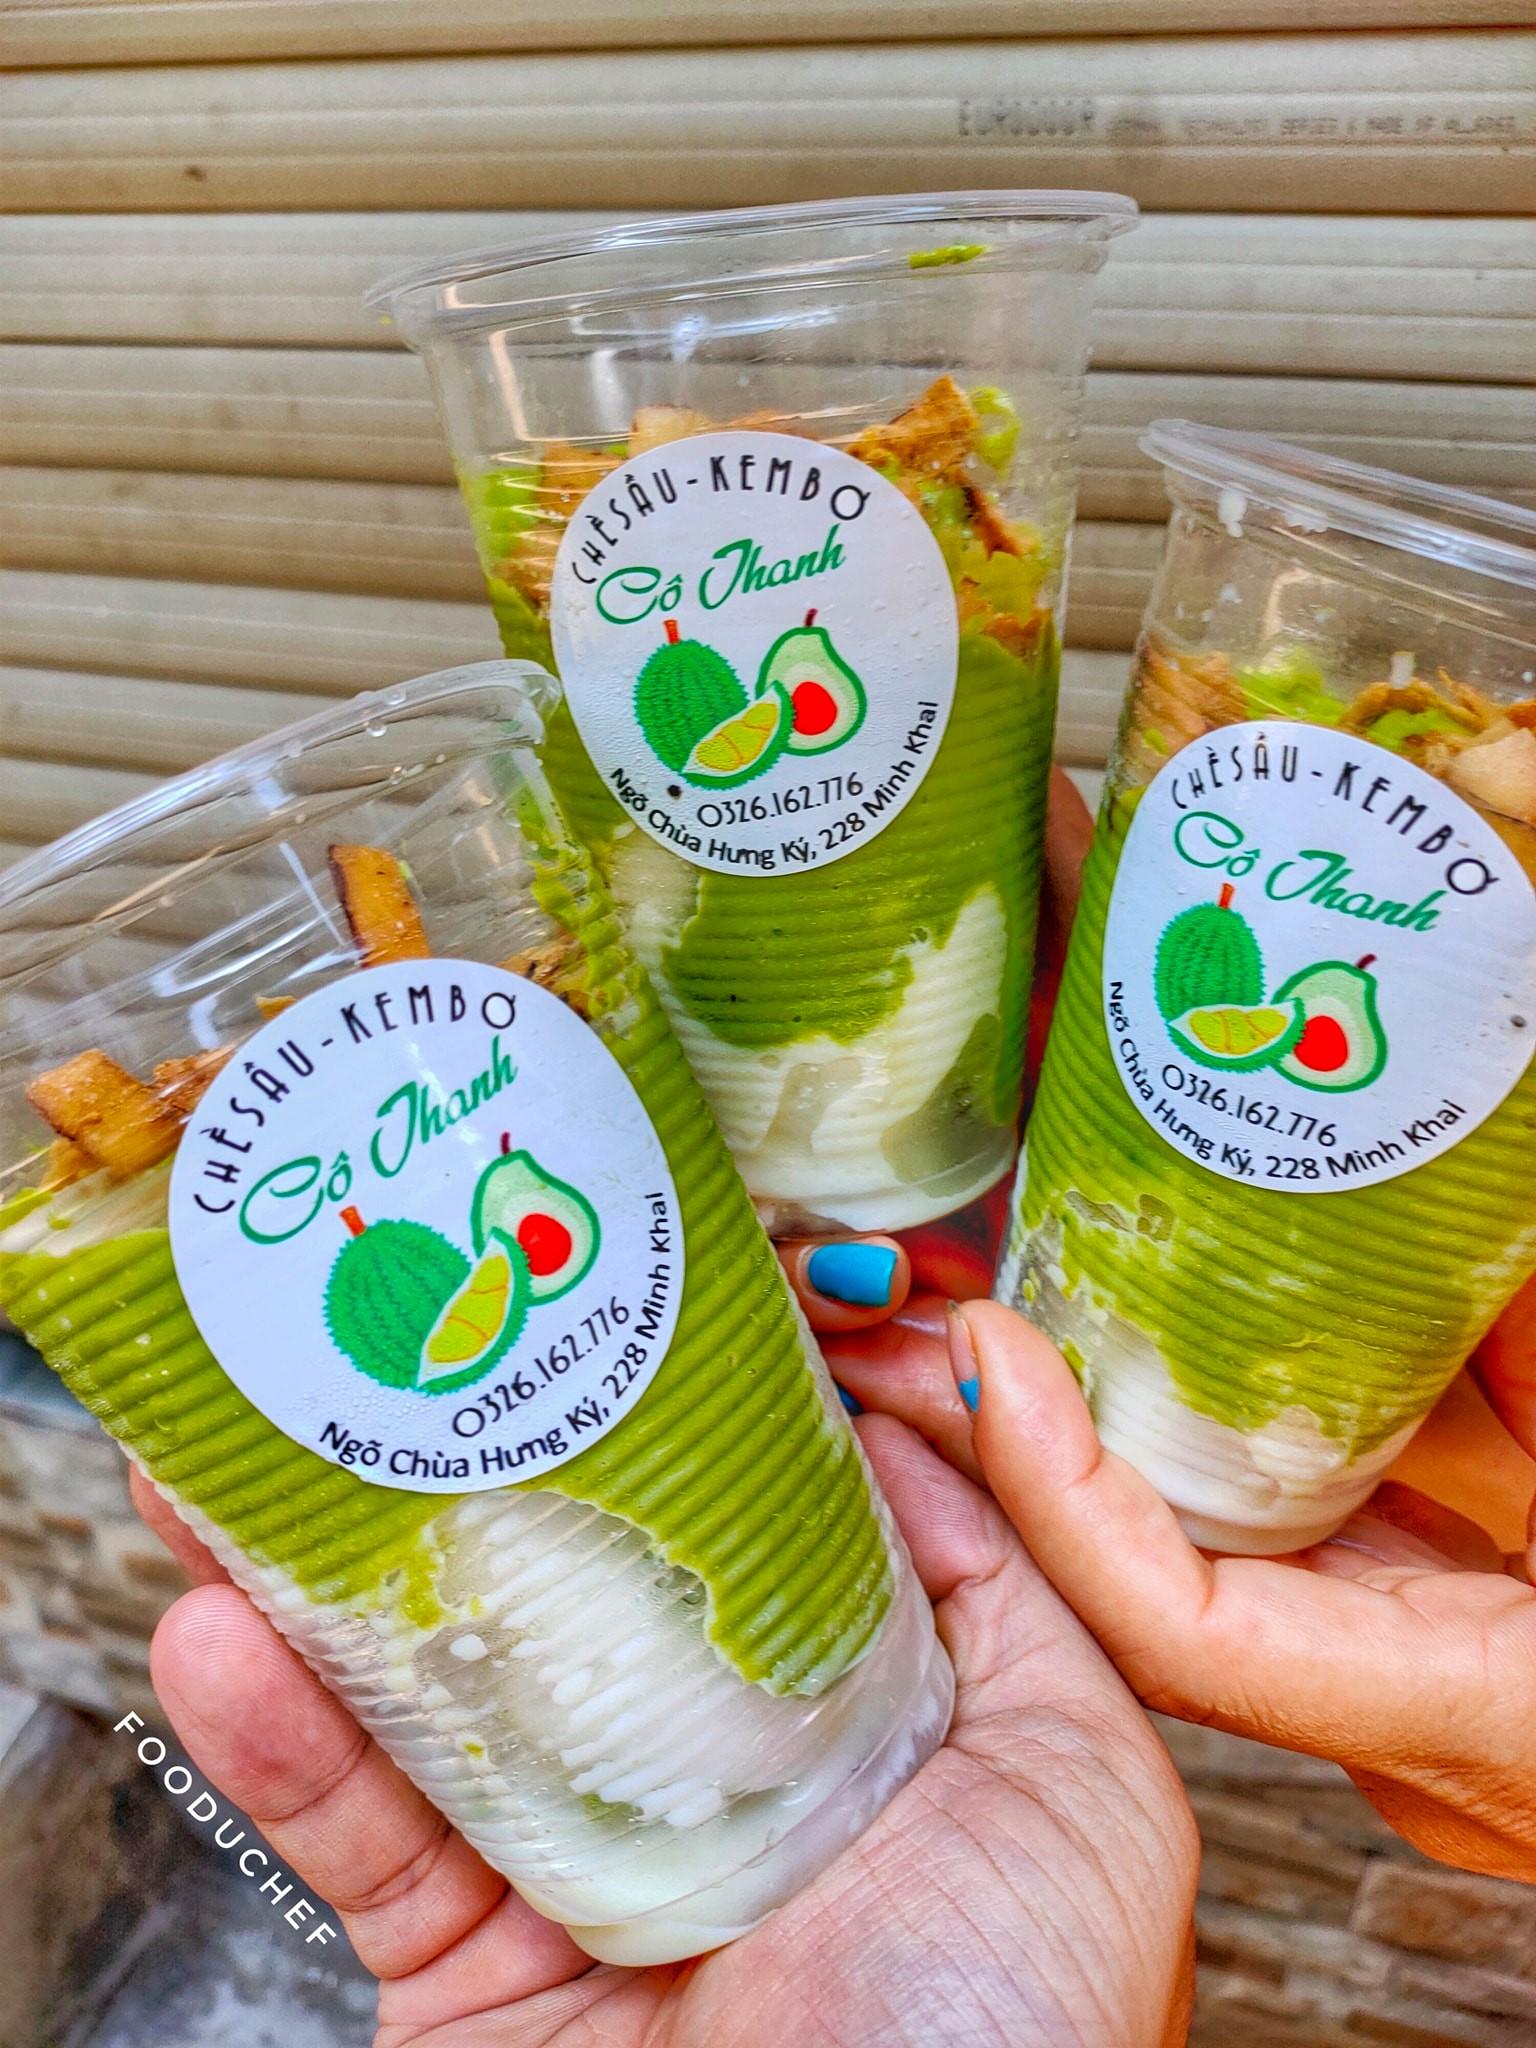 Kem bo co Thanh Minh Khai